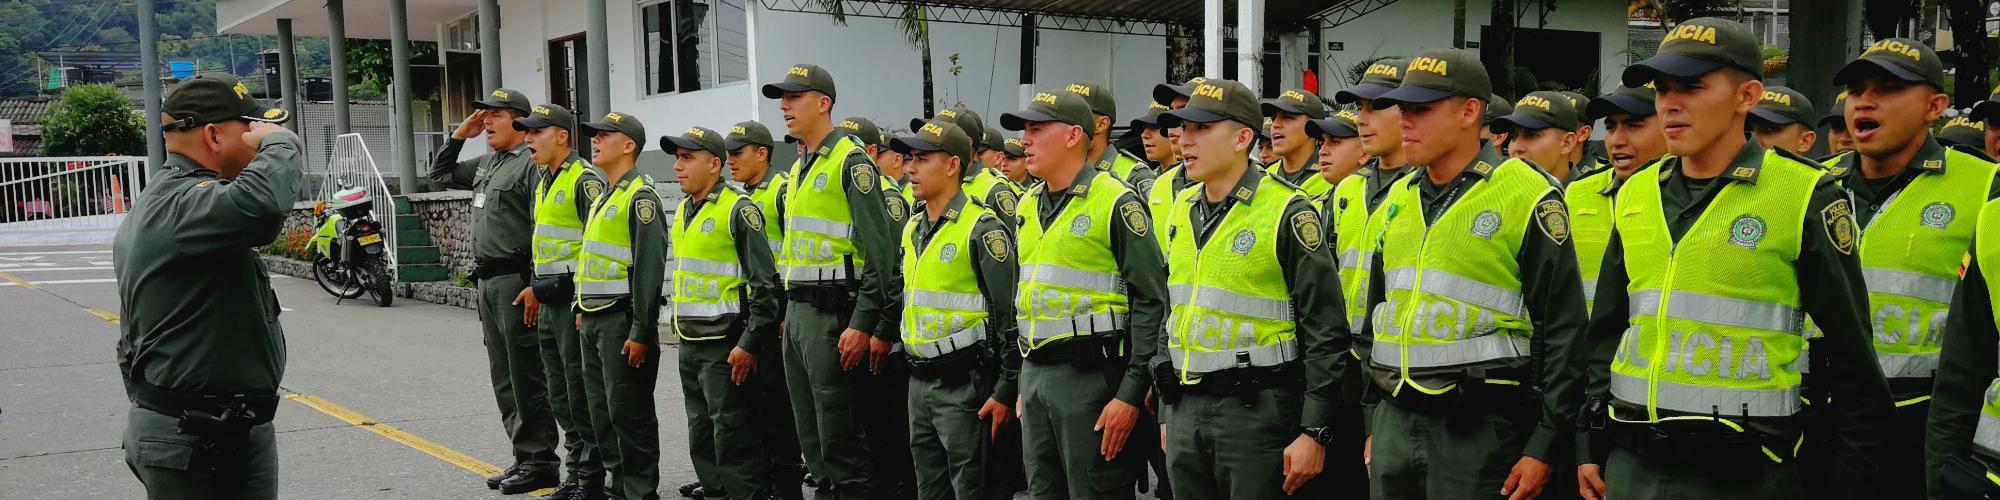 Departamento de Policía Meta - DEMET